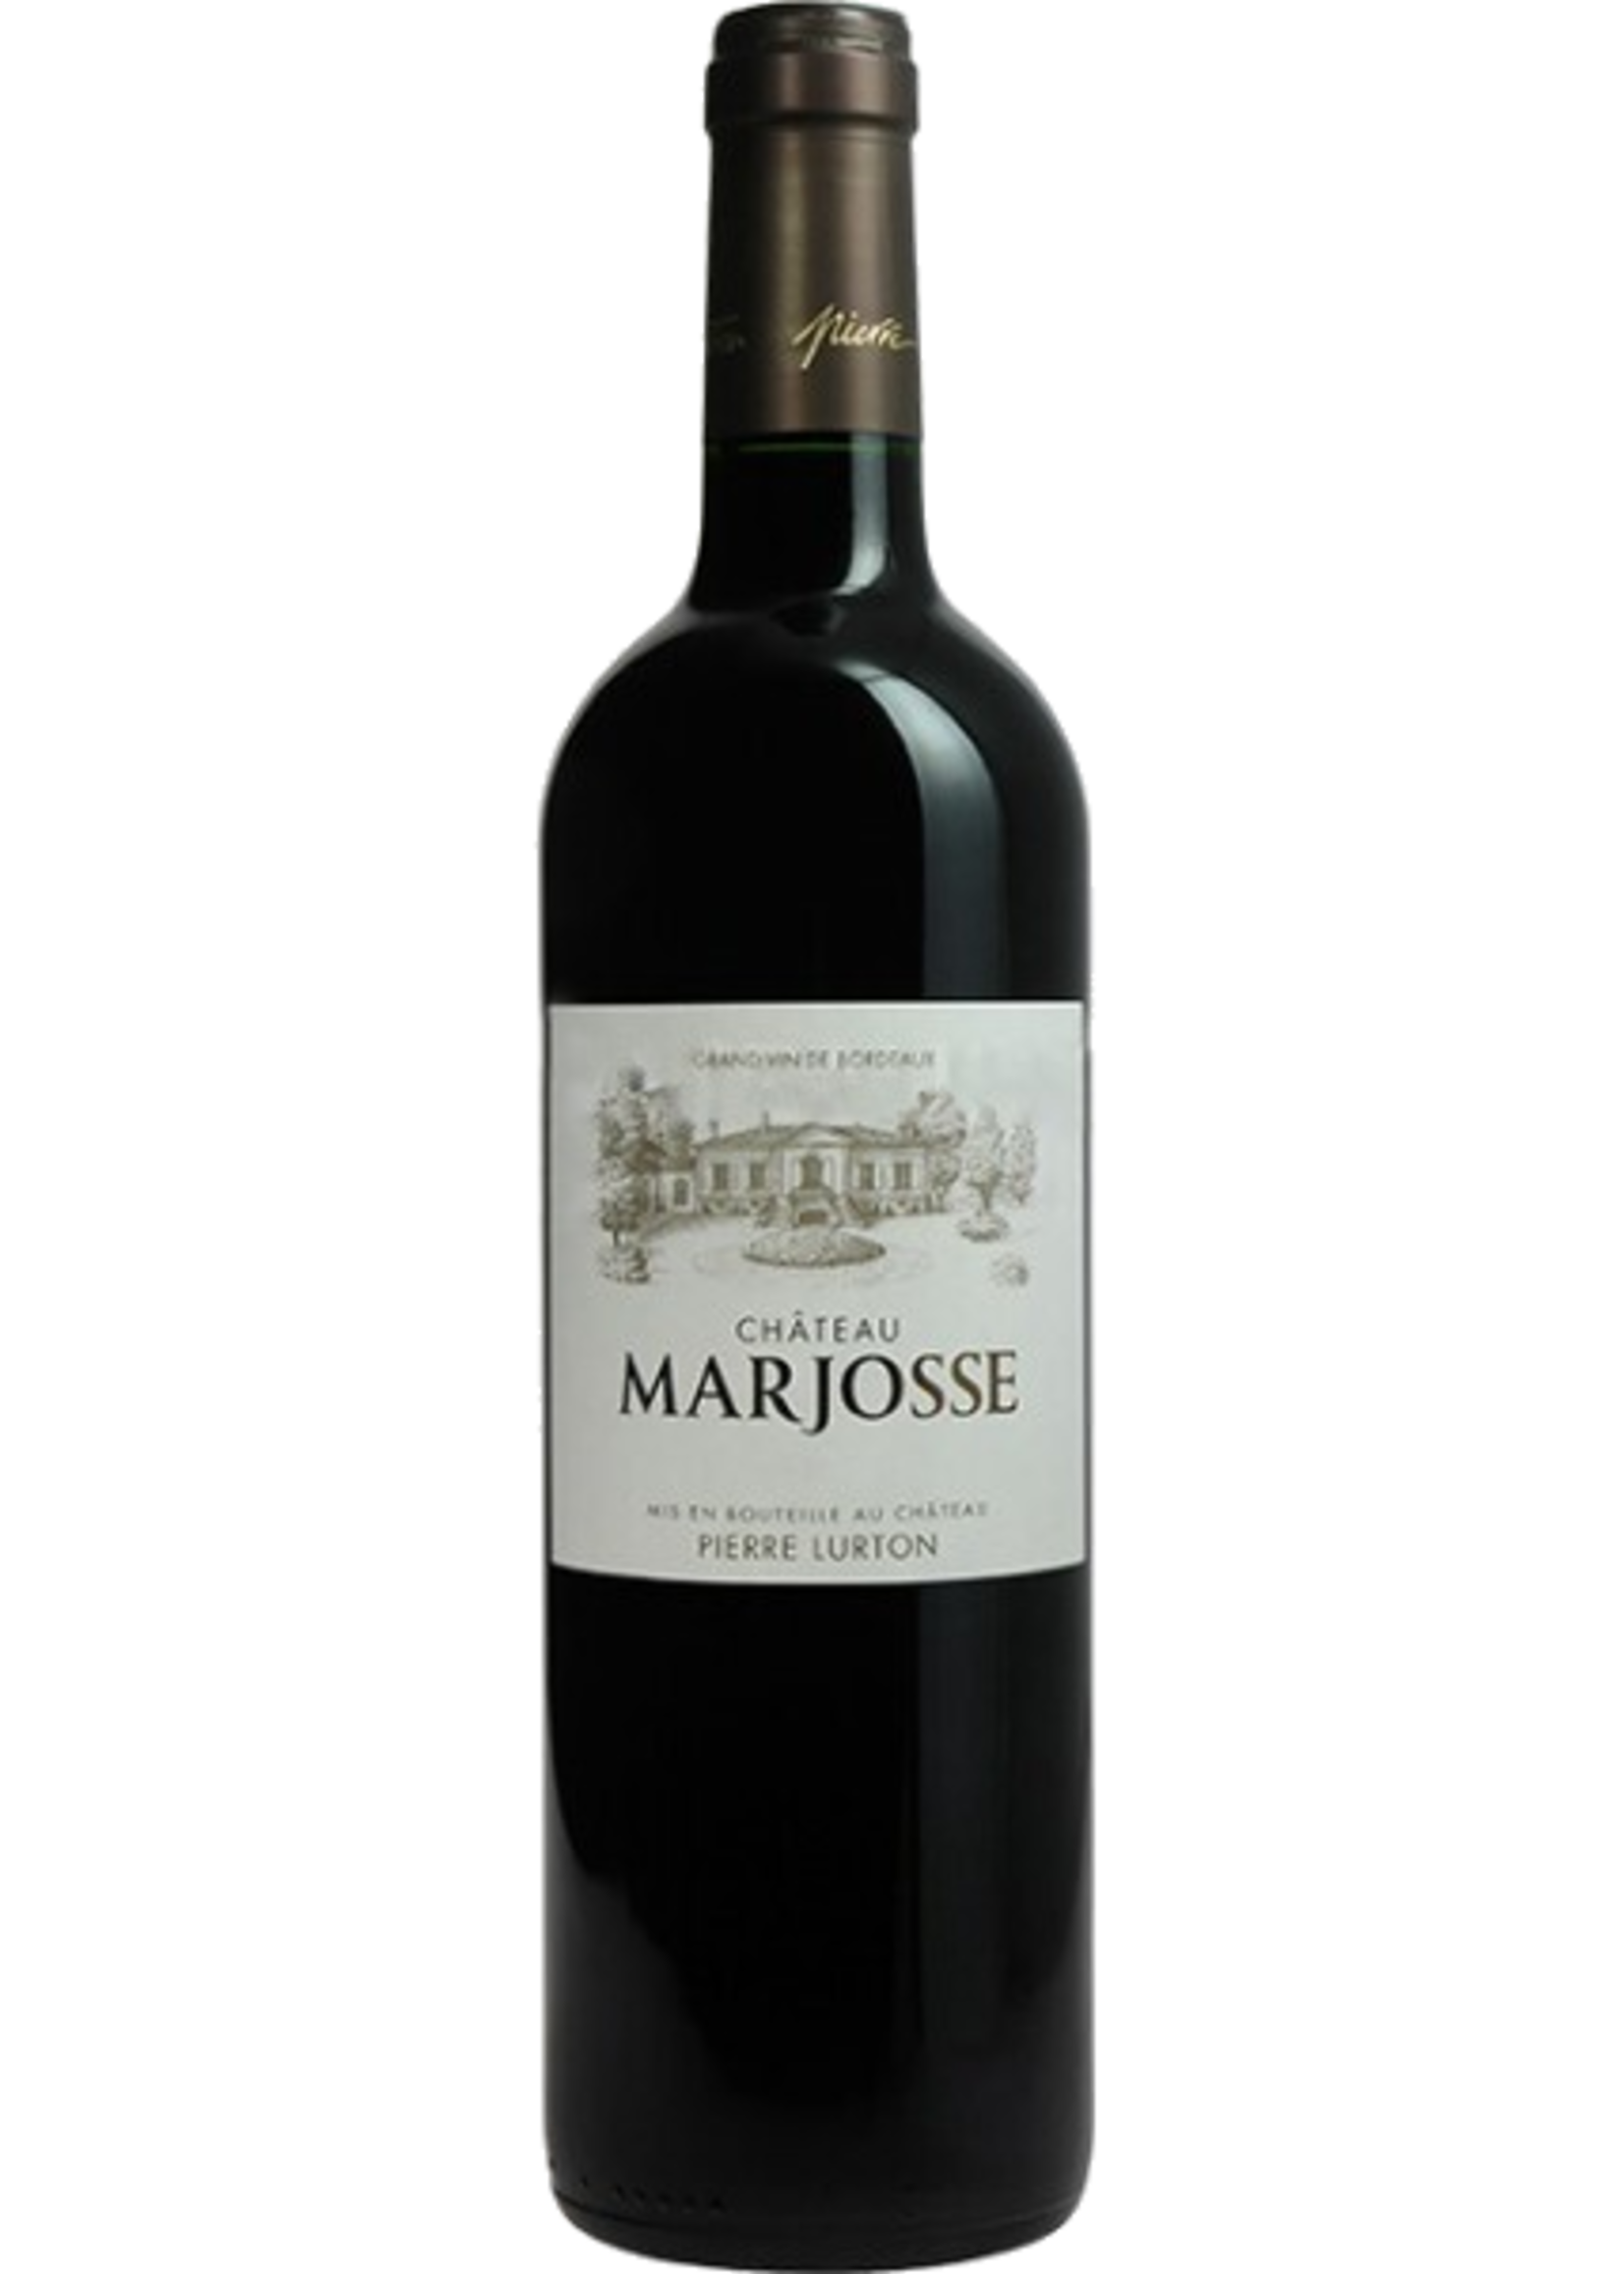 Chateau Marjosse Château Marjosse / Bordeaux 2016 / 750mL